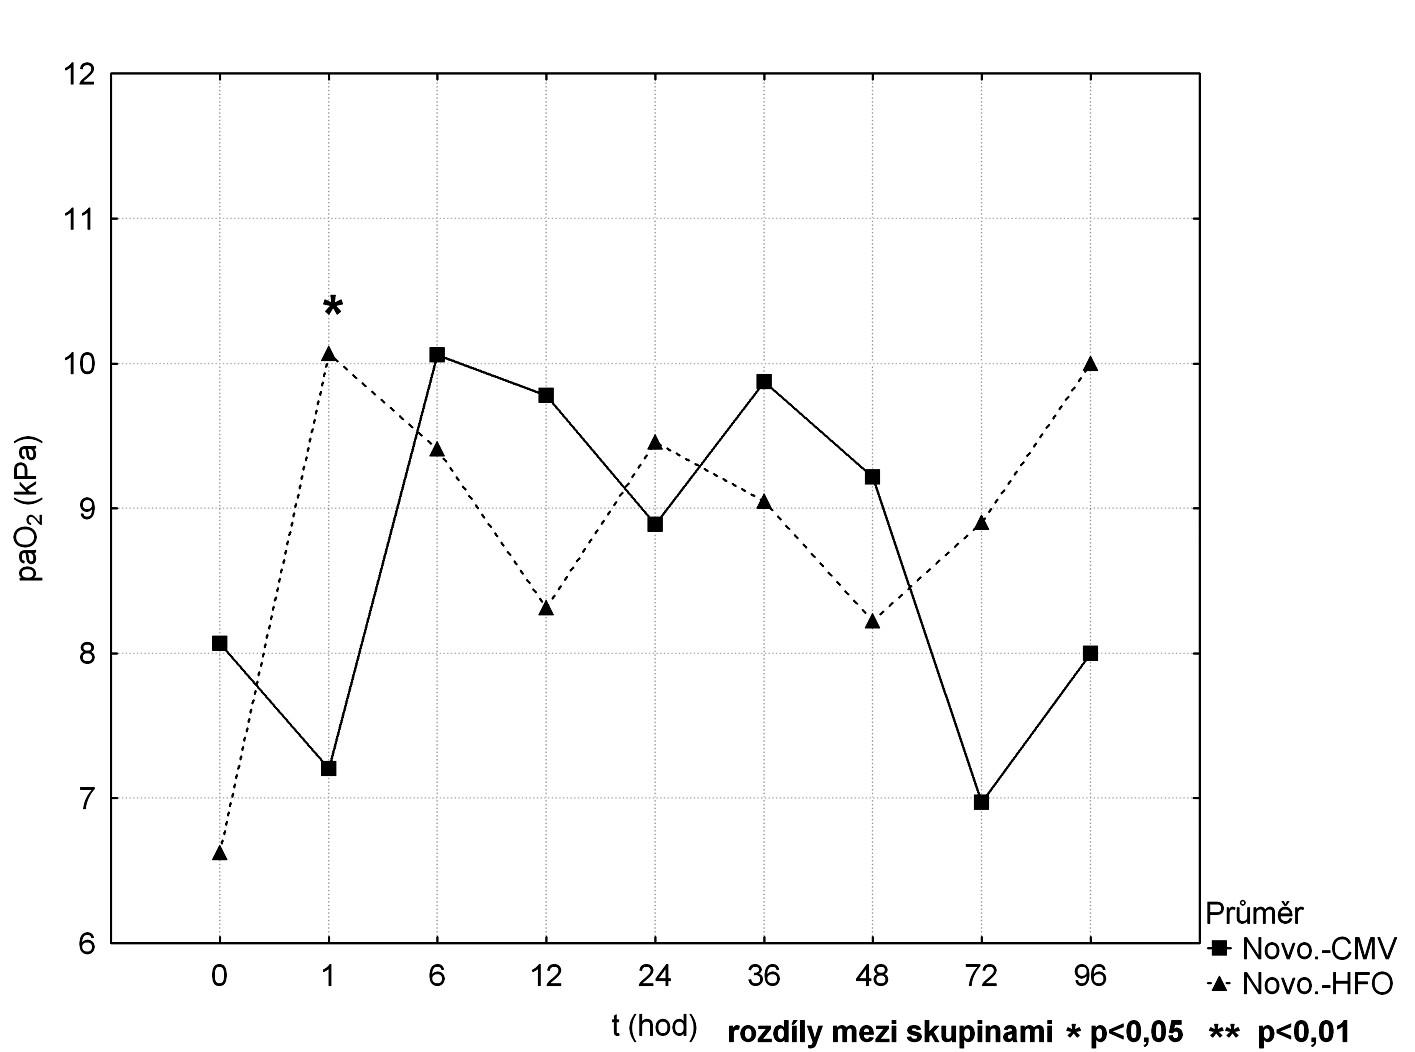 Srovnání průběhu paO<sub>2</sub> mezi CMV a HFOV